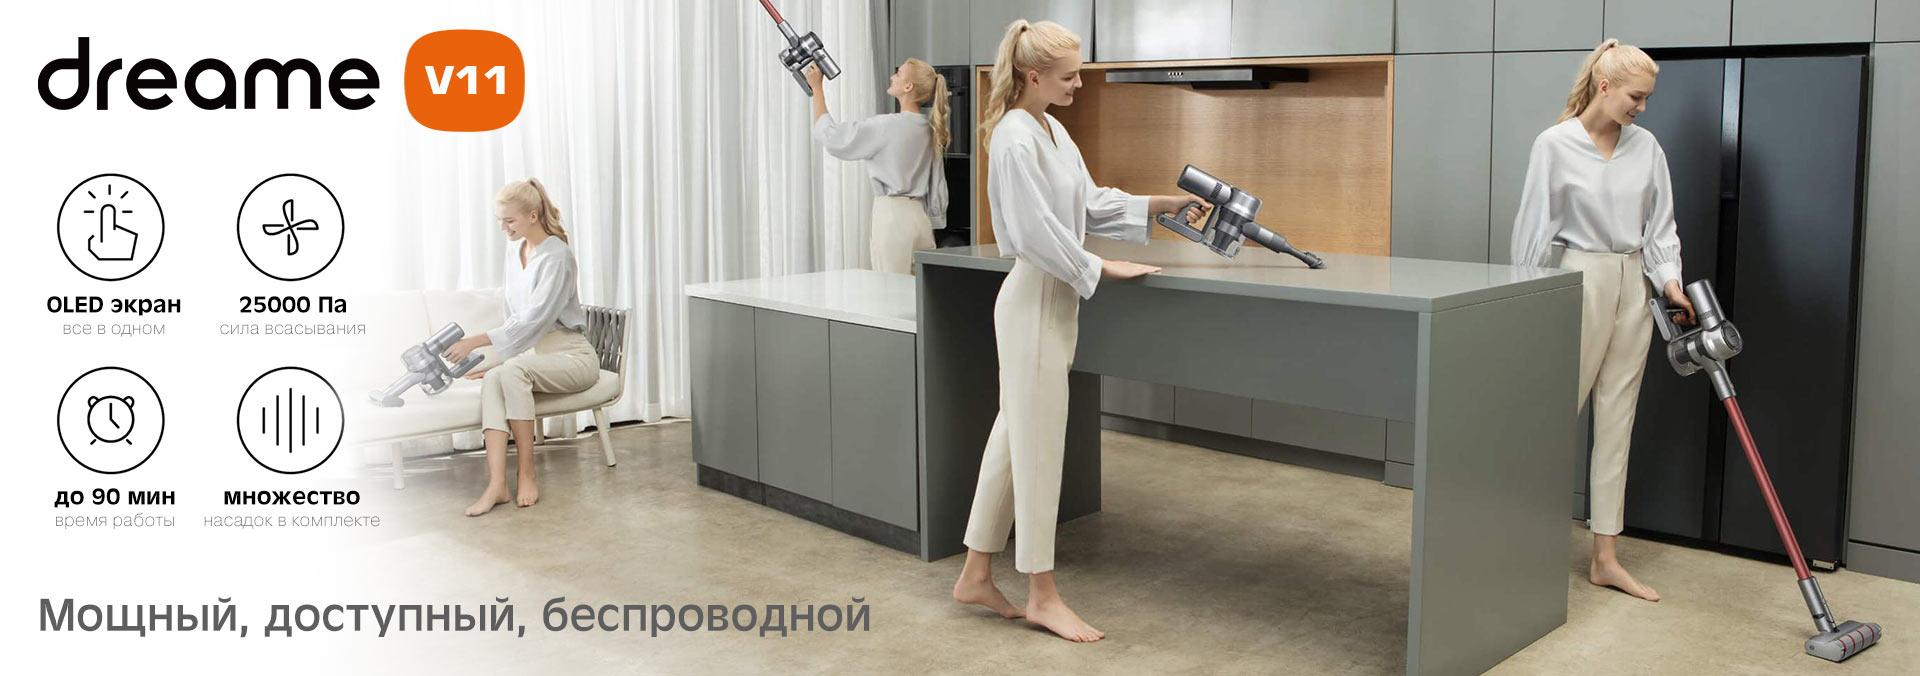 Пылесос Xiaomi Dreame V11 купить в СПб